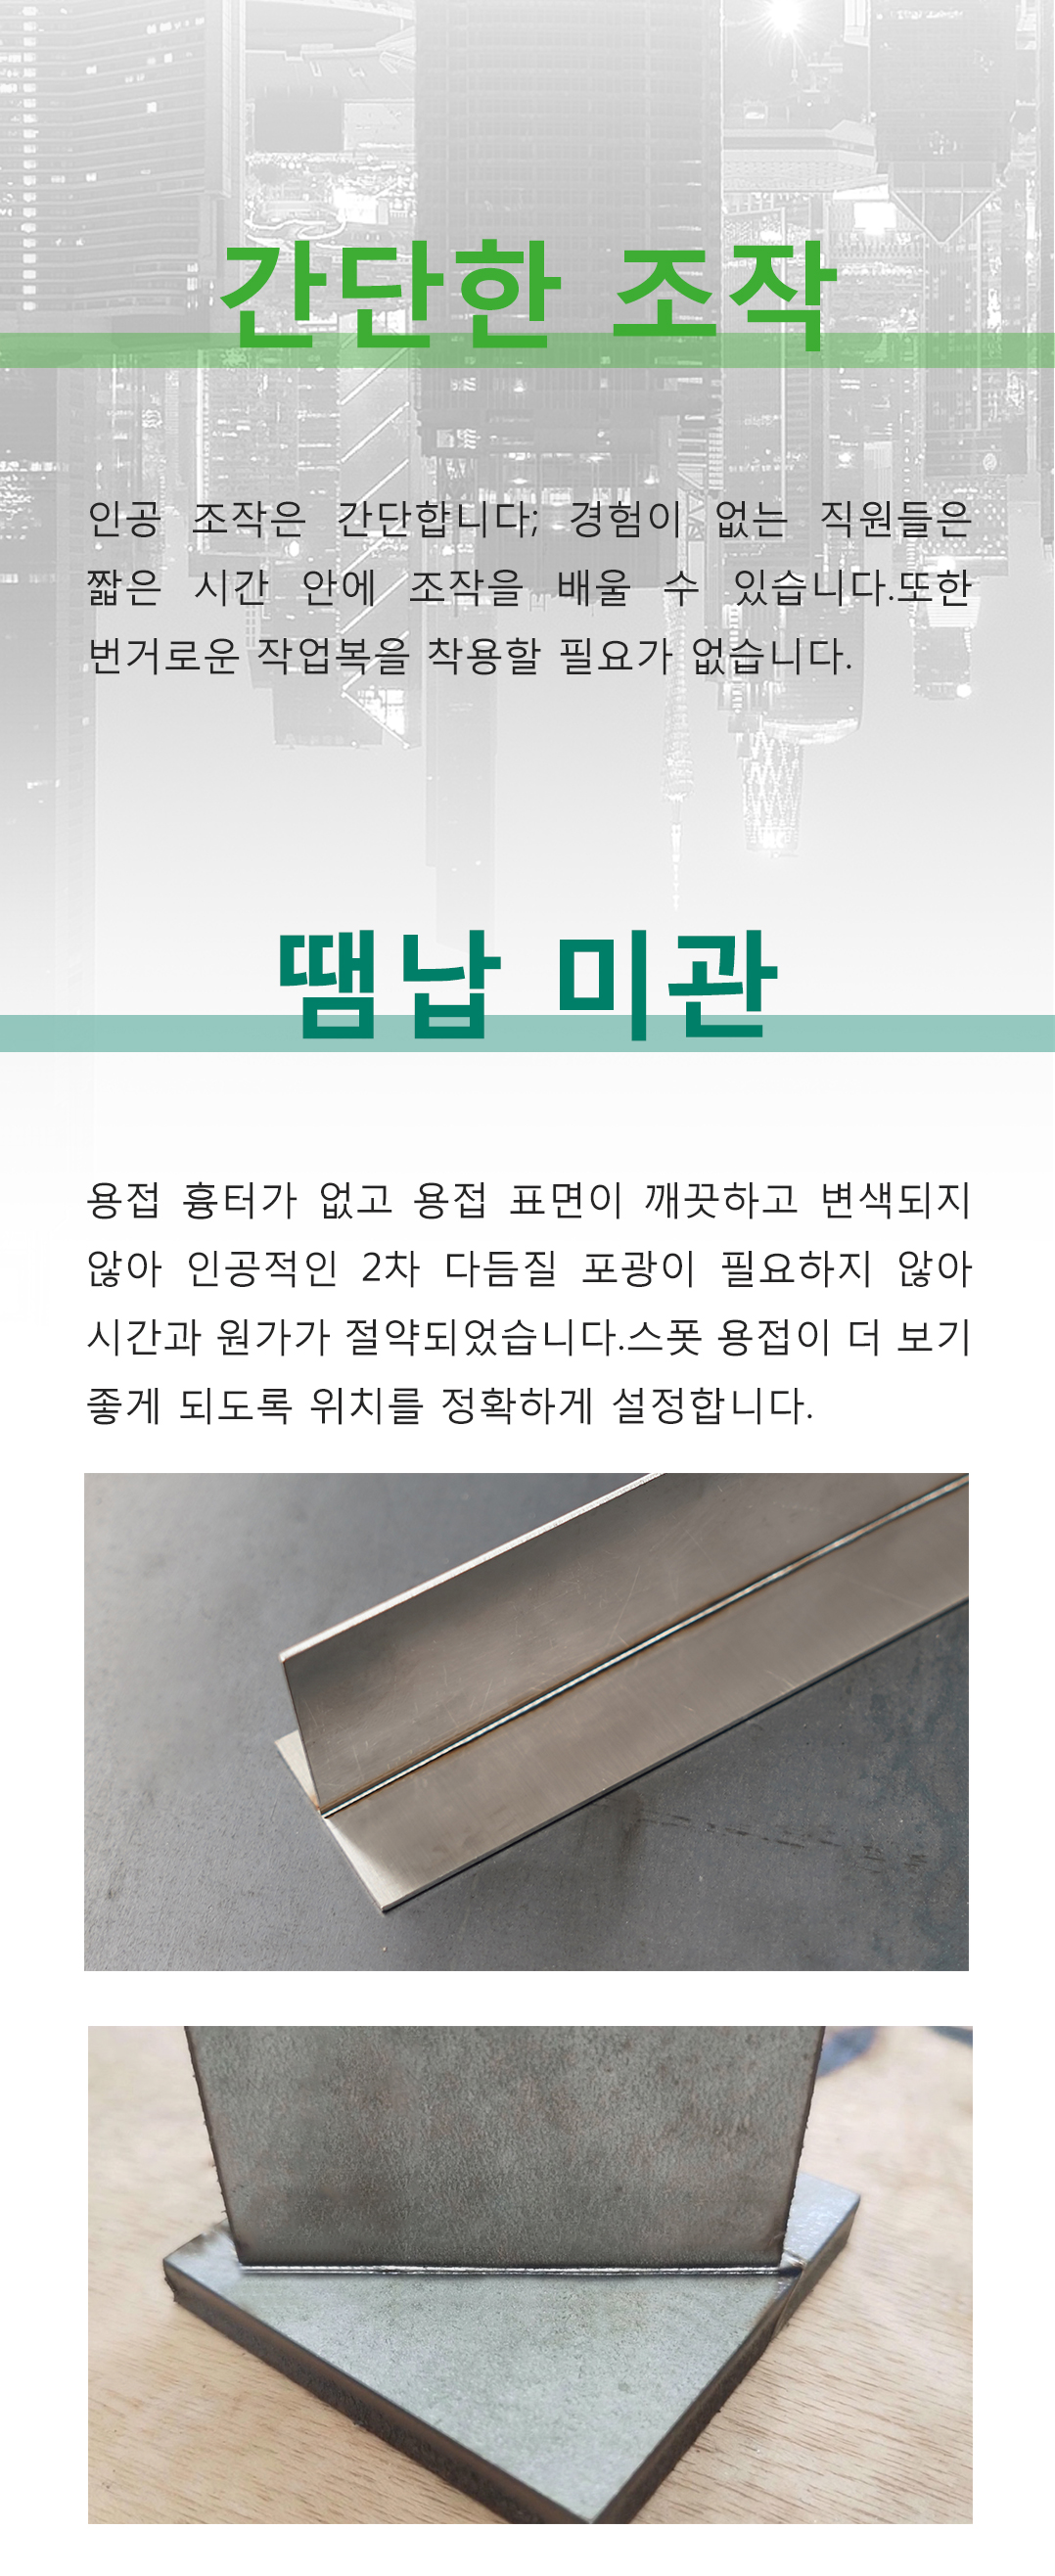 跃境韩文版_03.jpg